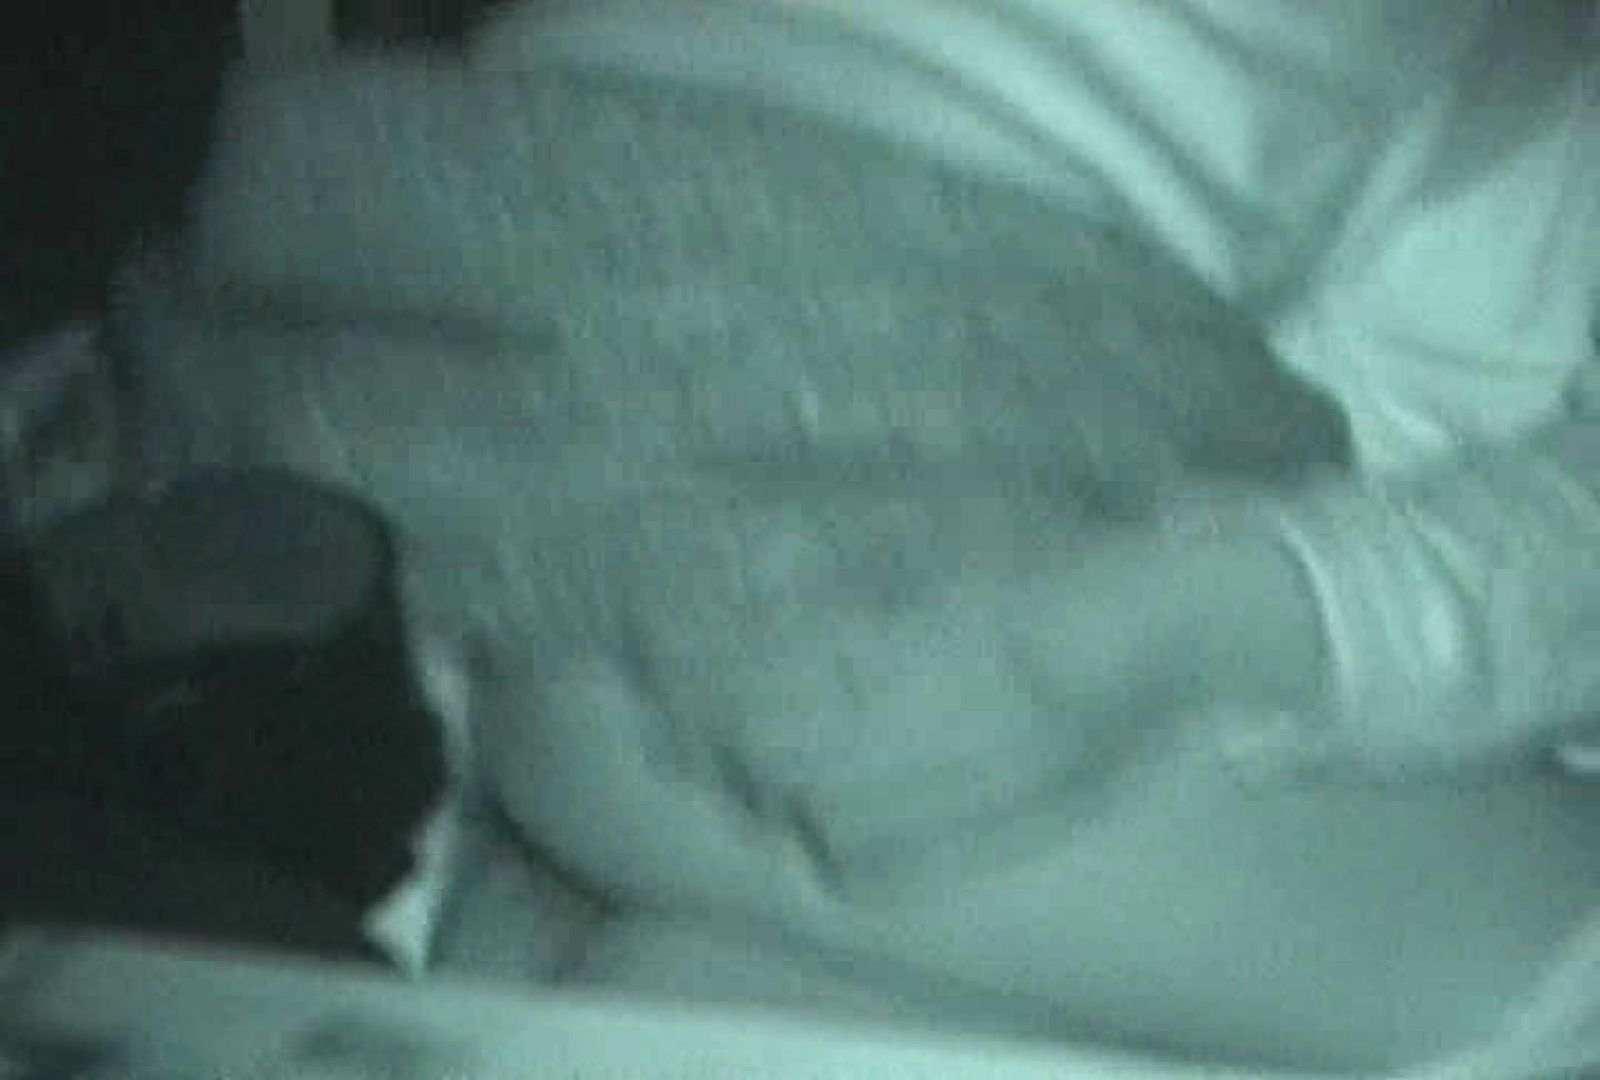 充血監督の深夜の運動会Vol.93 盗撮 おまんこ無修正動画無料 79pic 51